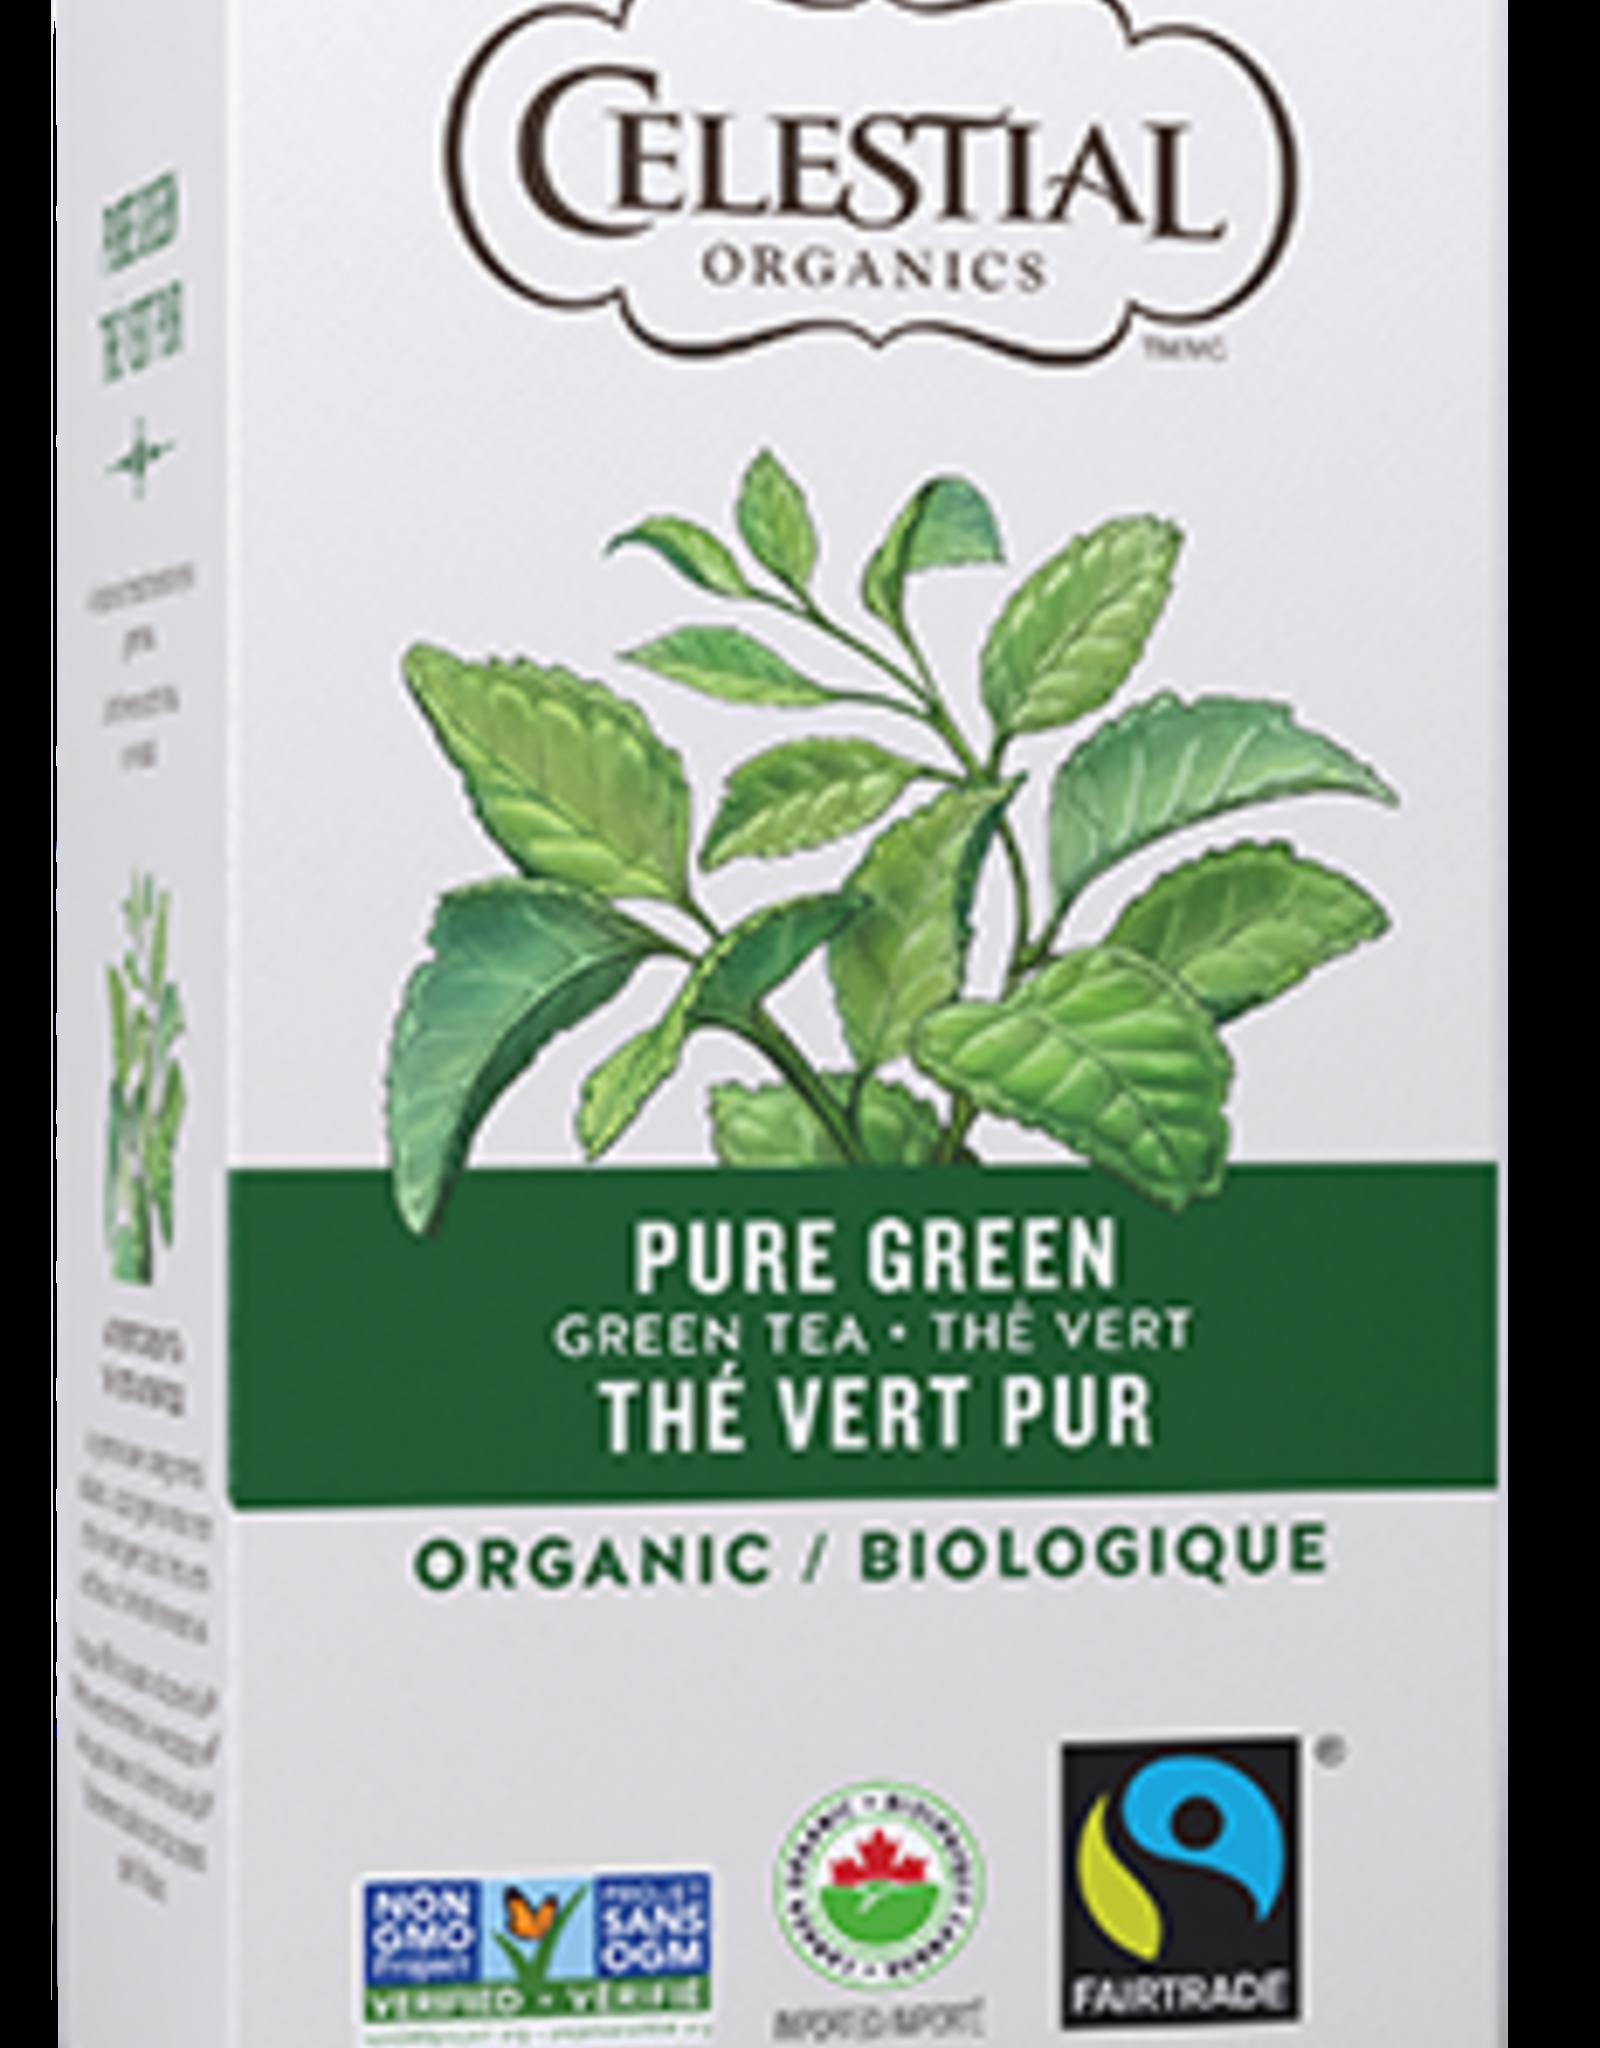 Celestial Seasonings Celestial Organics - Tea, Pure Green (30g)